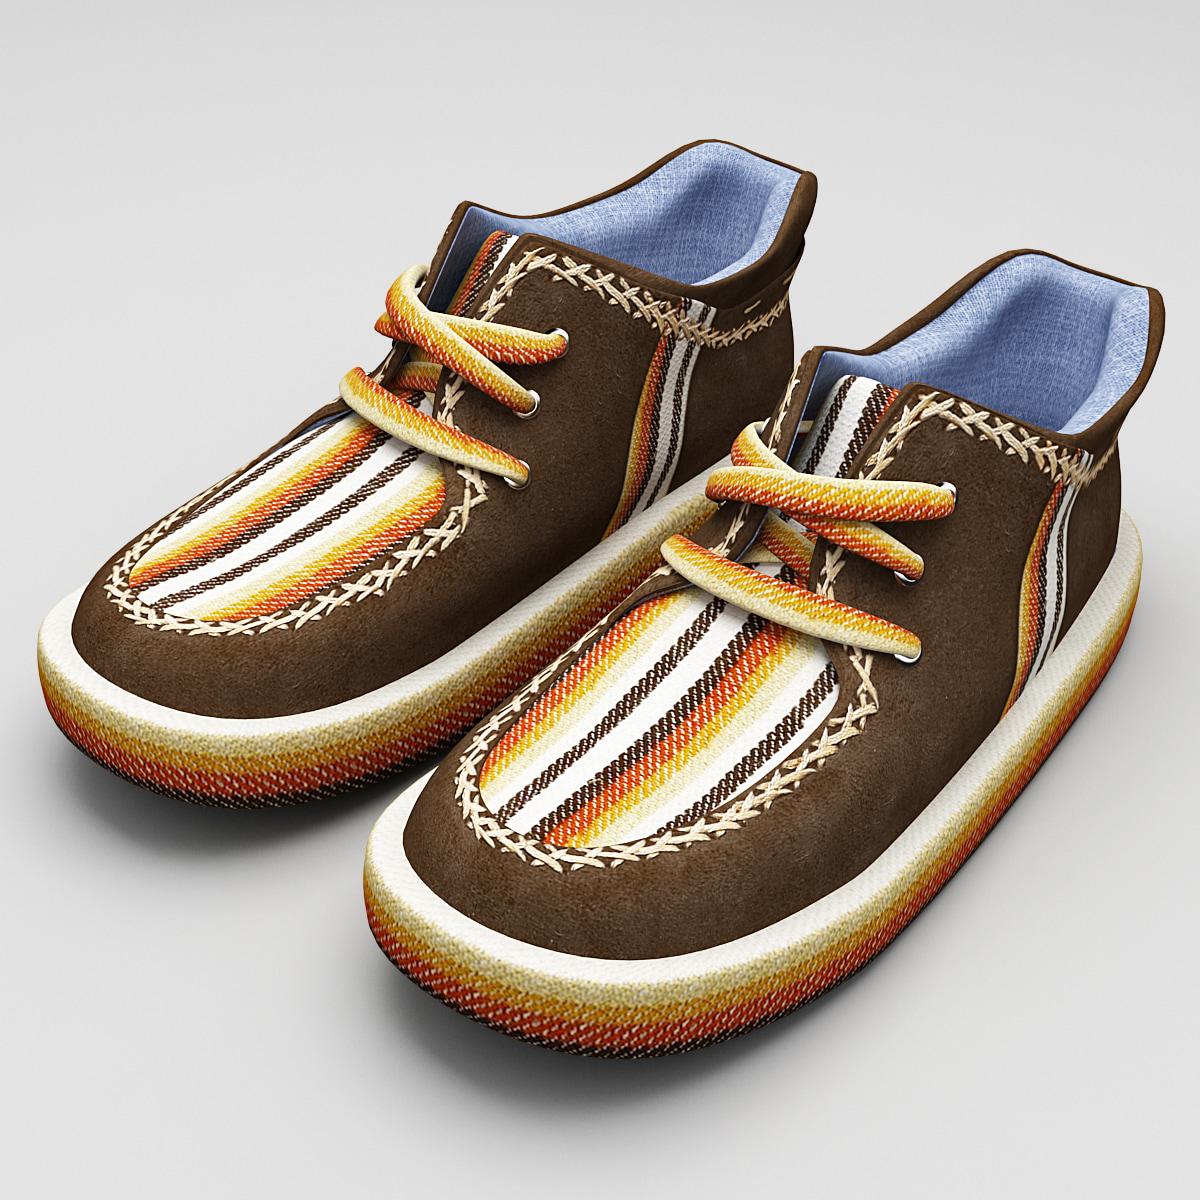 Solerebels Men S Shoes